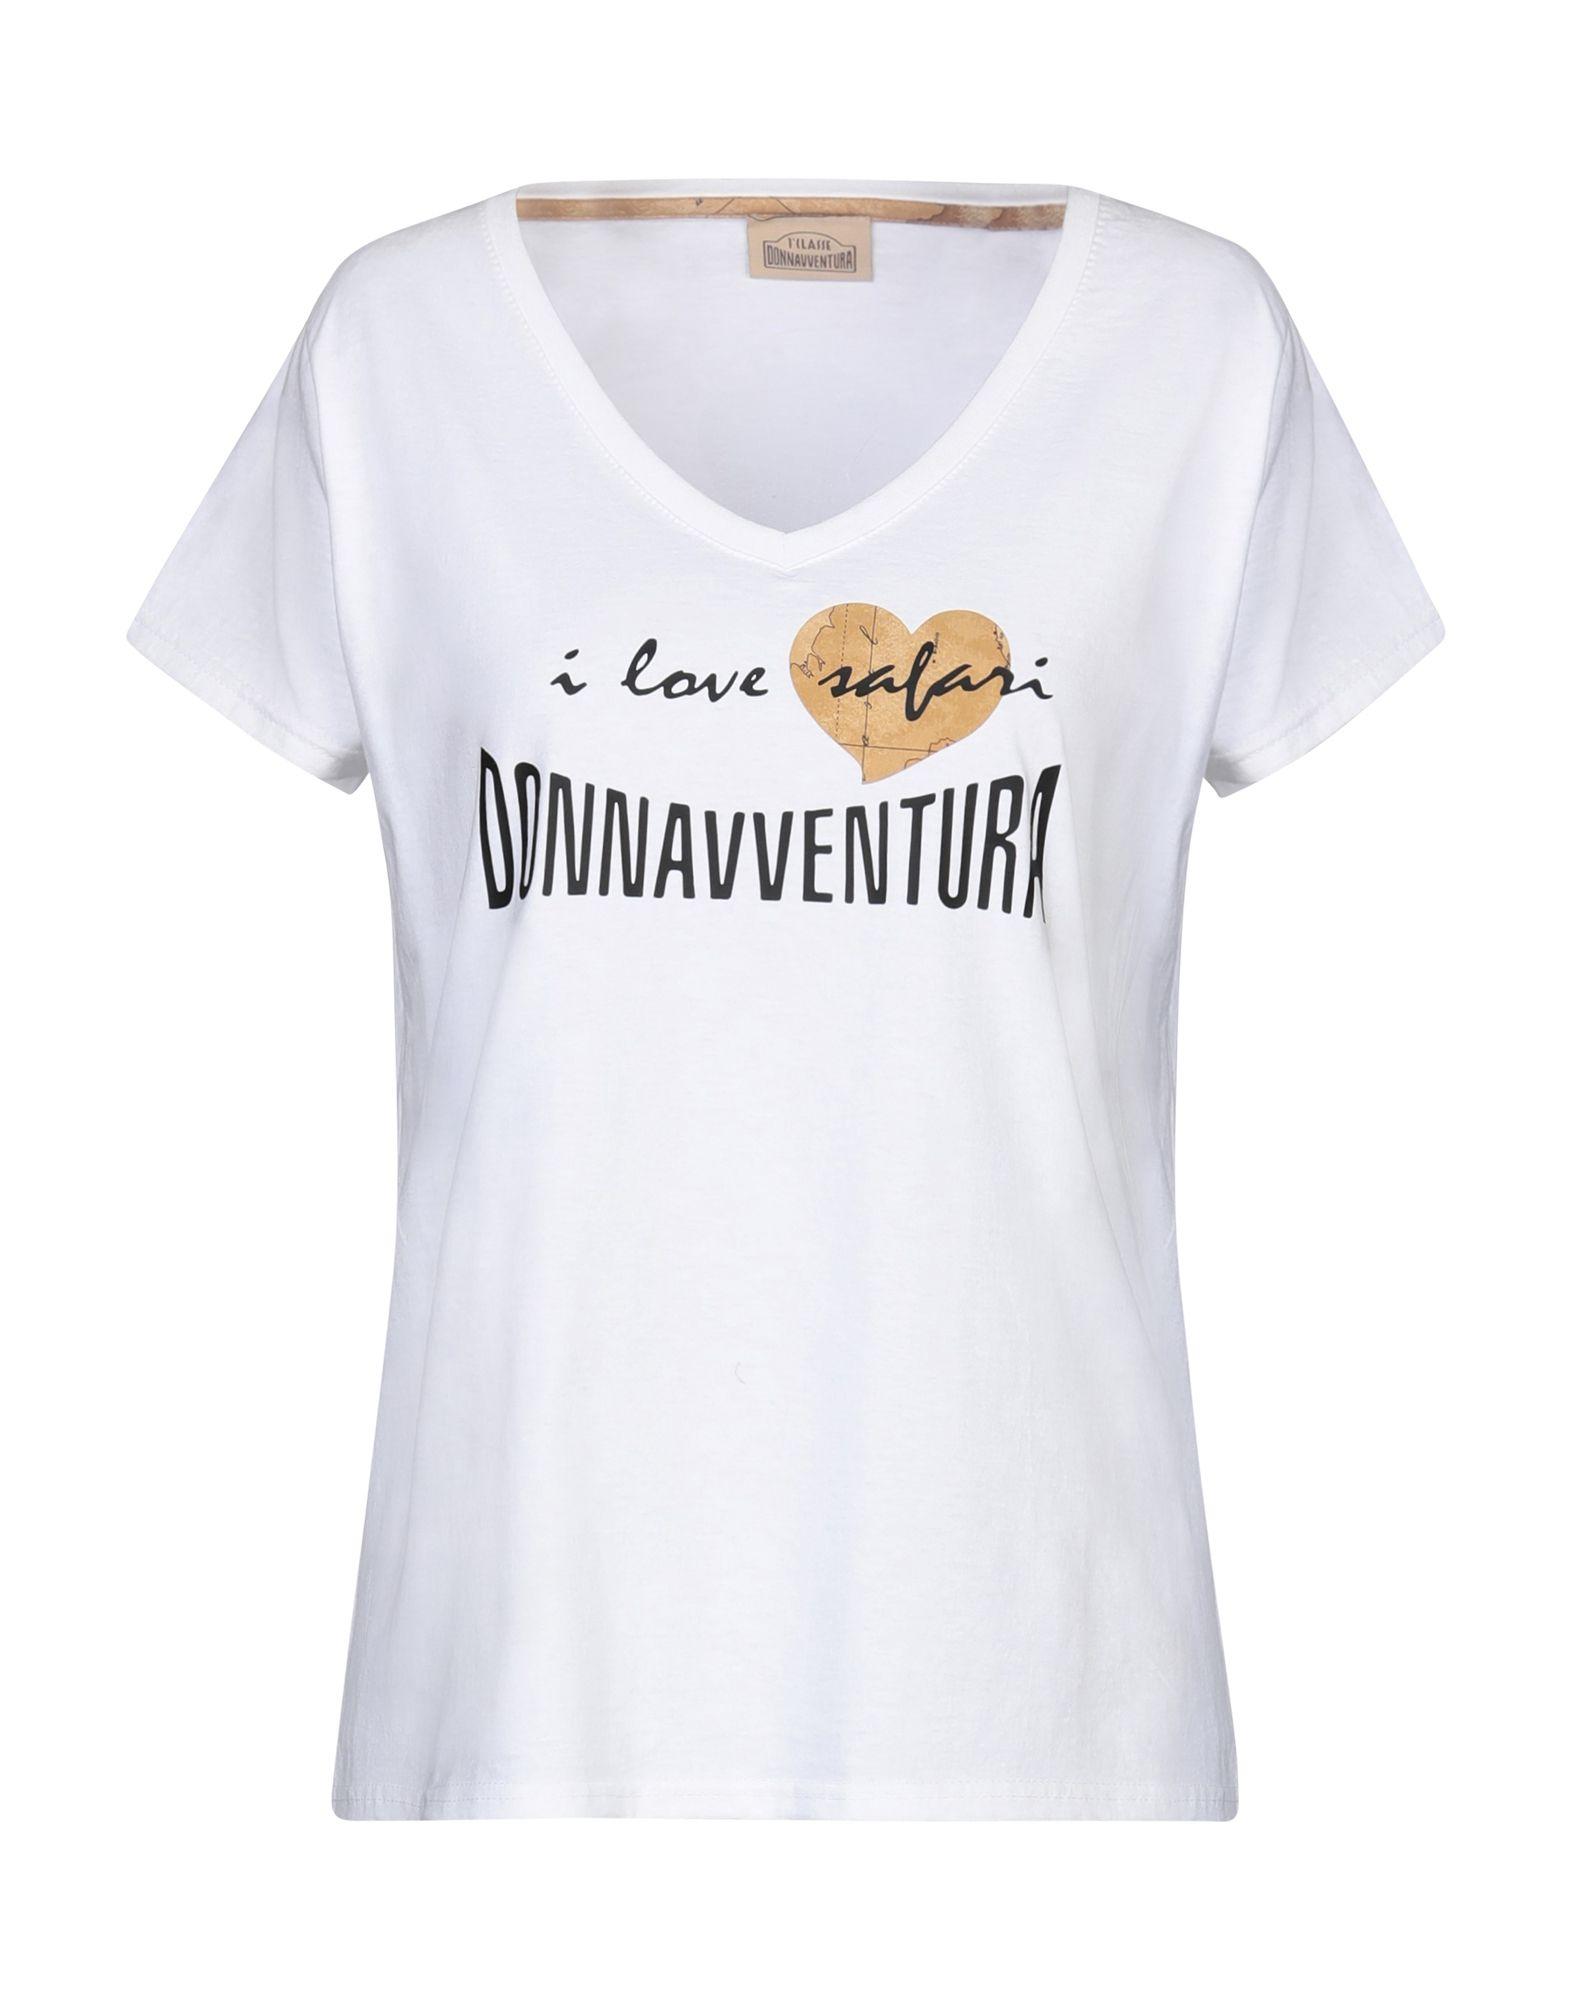 《セール開催中》DONNAVVENTURA by ALVIERO MARTINI 1a CLASSE レディース T シャツ ホワイト L コットン 100% / ポリウレタン